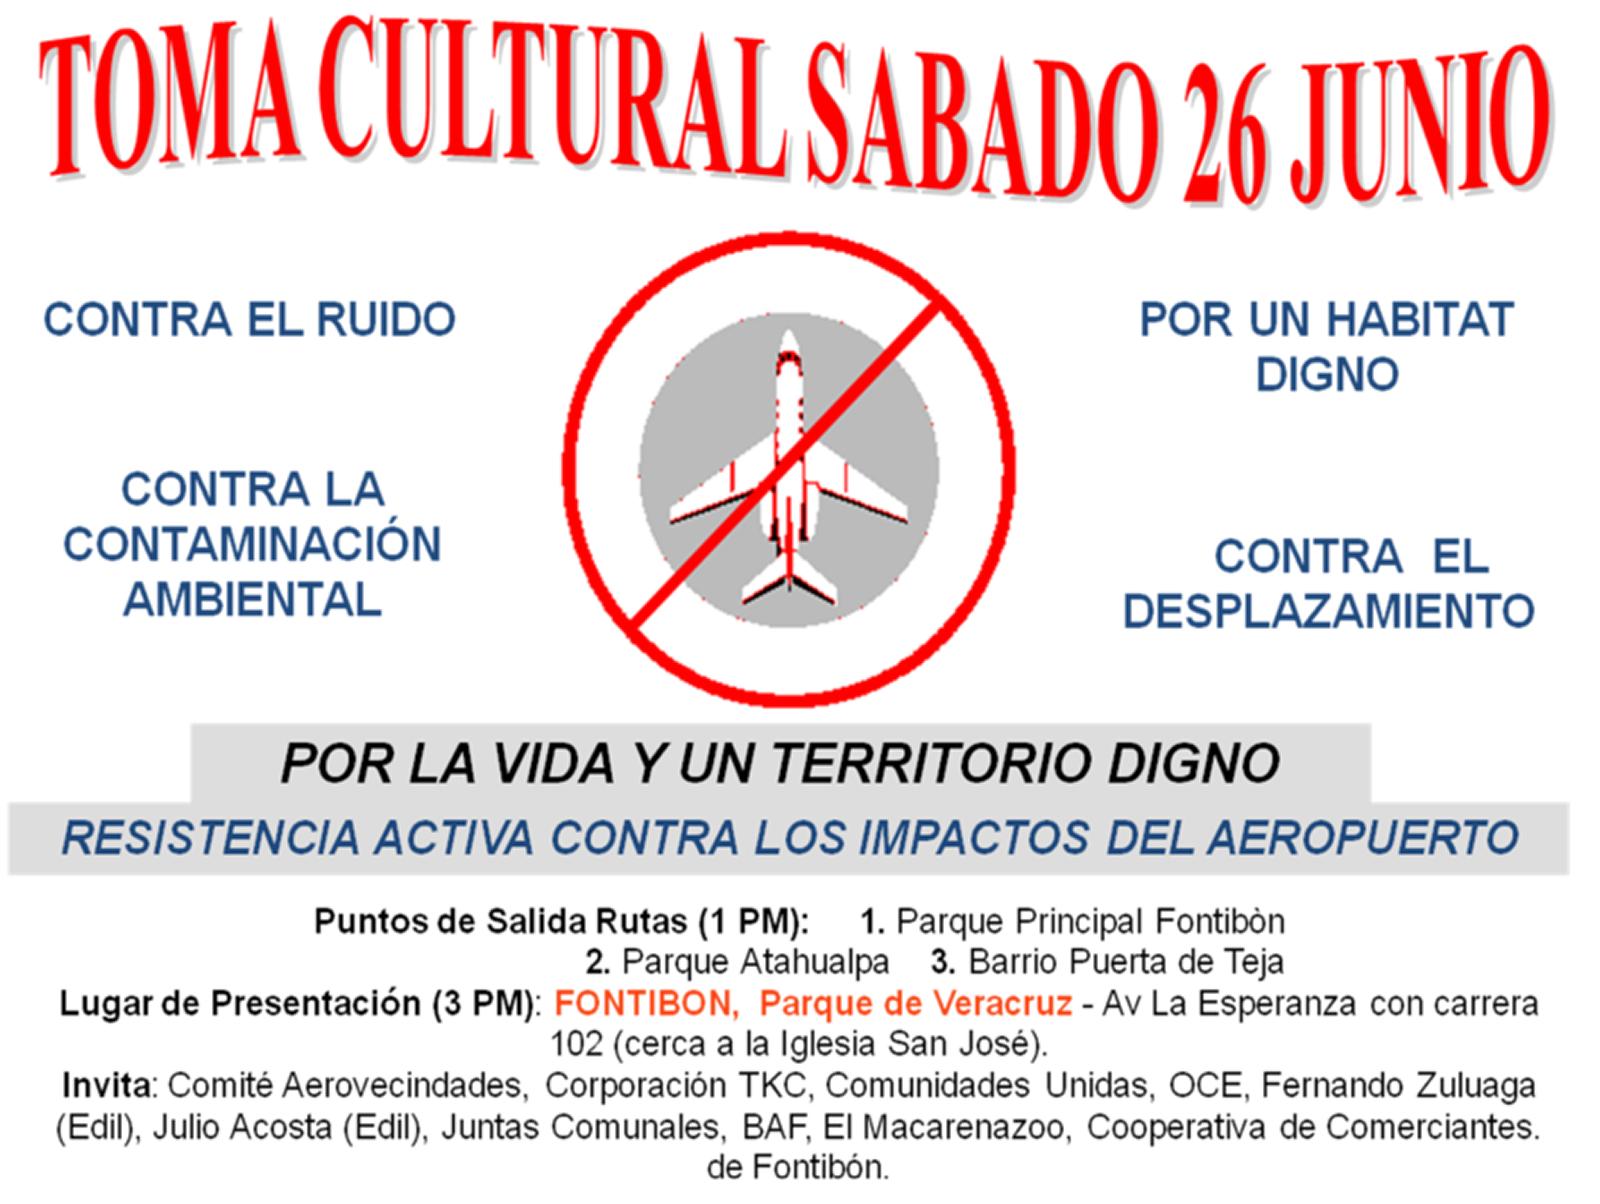 http://aerovecindades.webs.com/Afiche%20Toma%20Cultural%2026%20Junio%20Pantalla.png